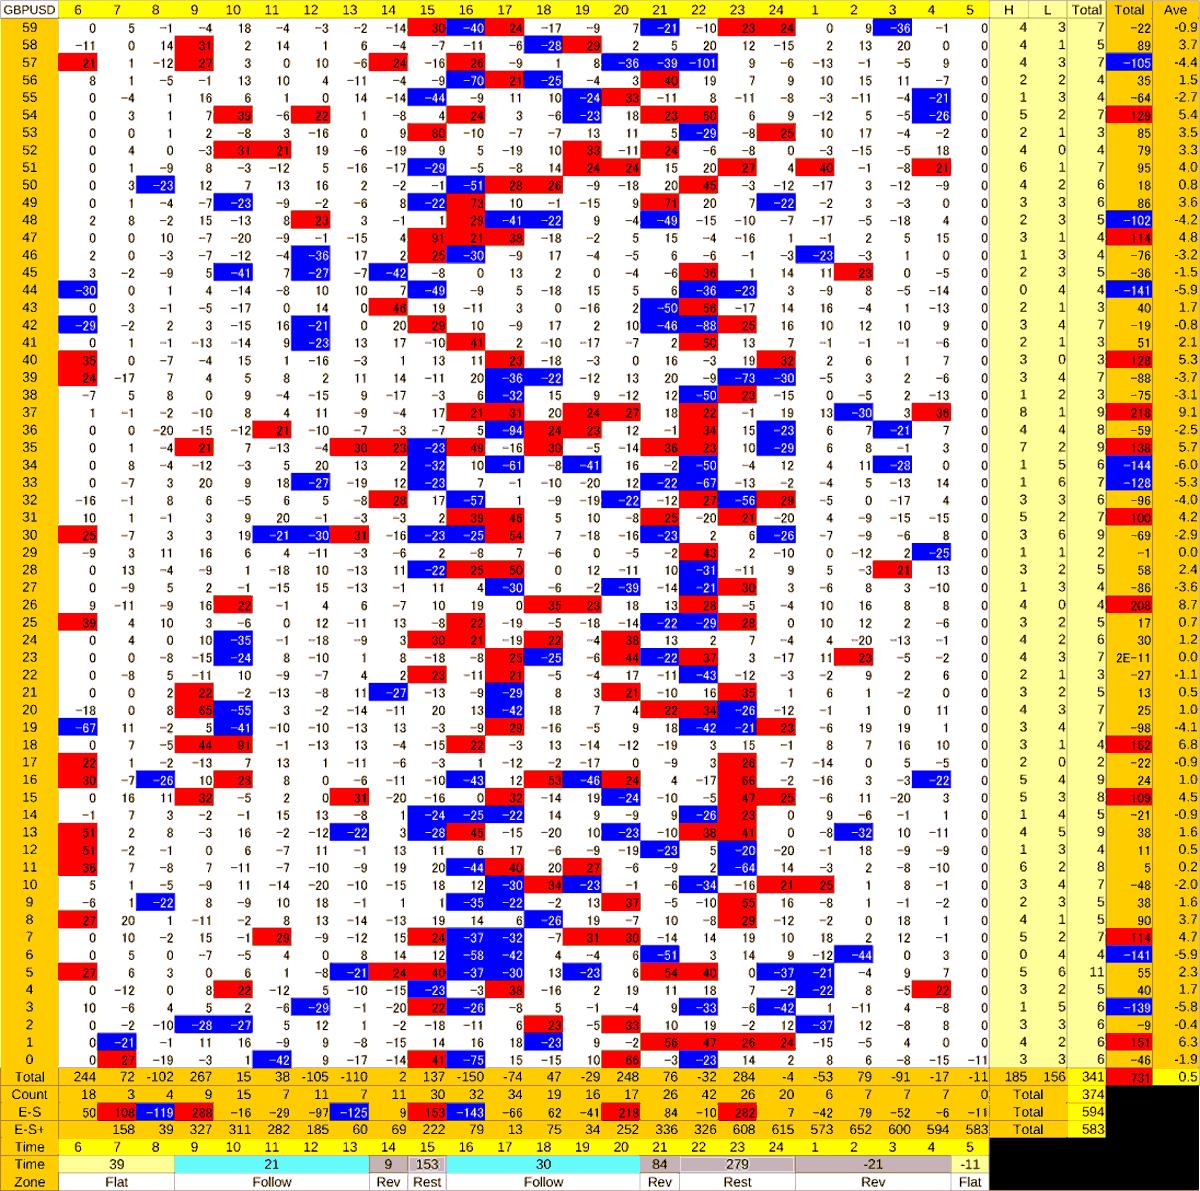 20200724_HS(2)GBPUSD